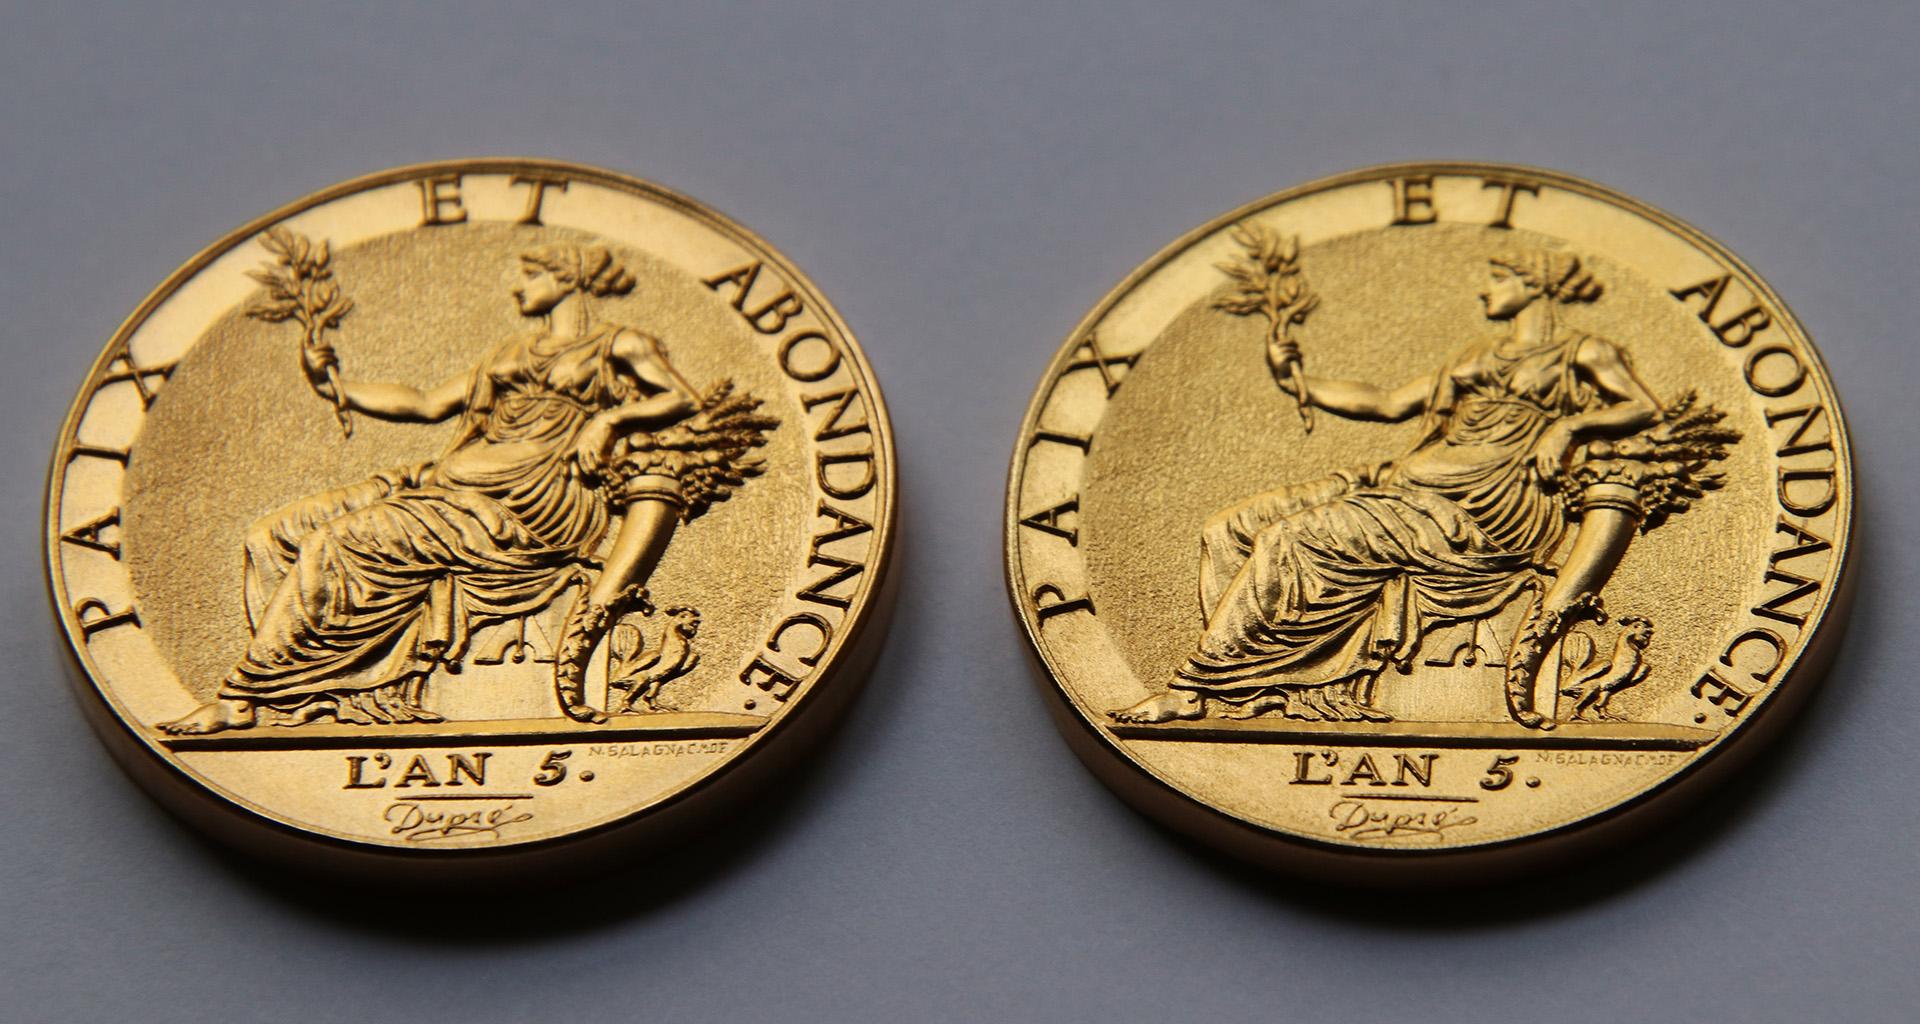 Création d'une médaille d'après la 10 grammes or de Dupré qui n'avait jamais vu le jour